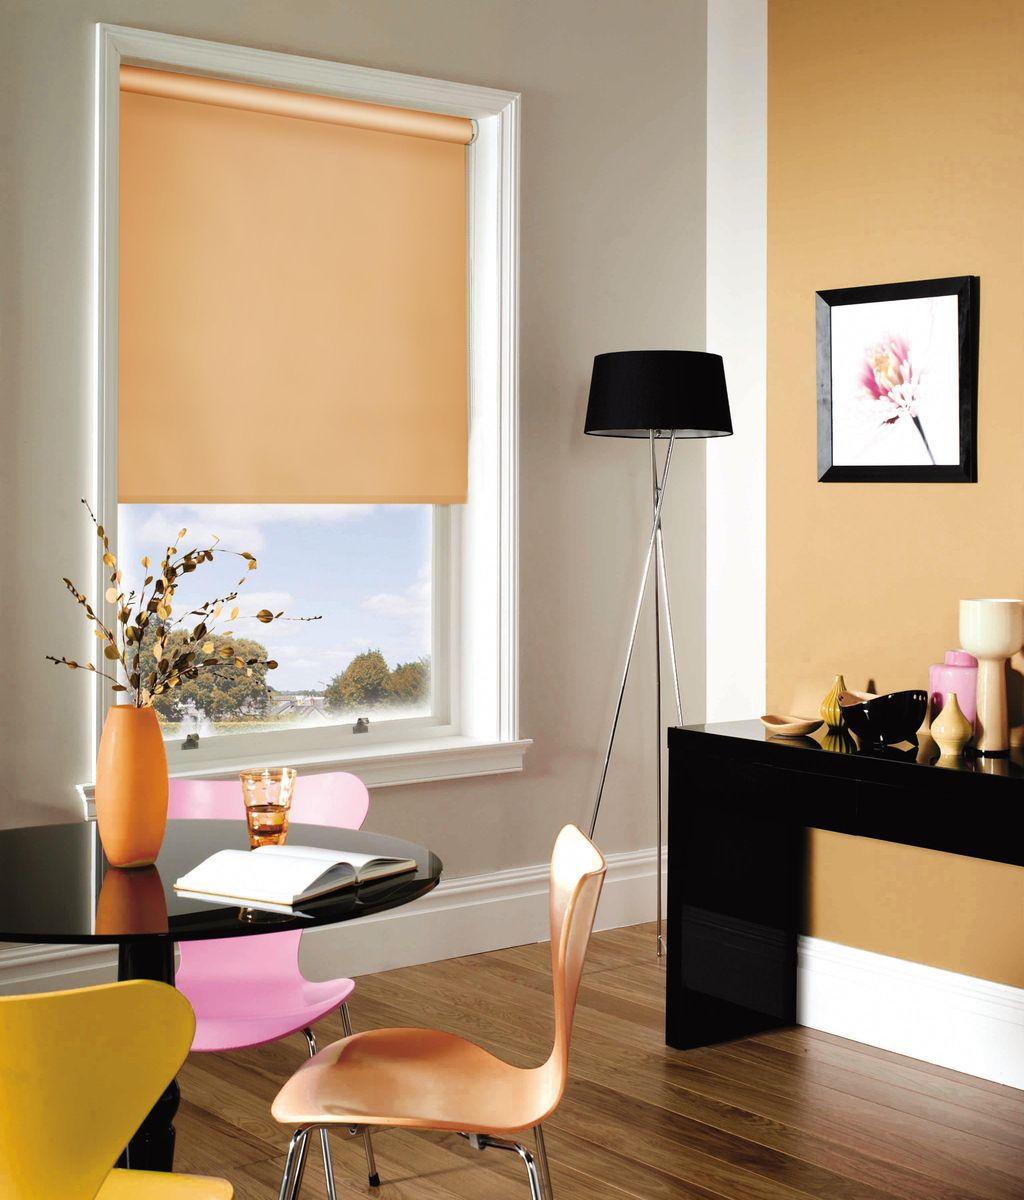 Штора рулонная Эскар, цвет: абрикосовый, ширина 150 см, высота 170 смK100Рулонными шторами можно оформлять окна как самостоятельно, так и использовать в комбинации с портьерами. Это поможет предотвратить выгорание дорогой ткани на солнце и соединит функционал рулонных с красотой навесных.Преимущества применения рулонных штор для пластиковых окон:- имеют прекрасный внешний вид: многообразие и фактурность материала изделия отлично смотрятся в любом интерьере; - многофункциональны: есть возможность подобрать шторы способные эффективно защитить комнату от солнца, при этом о на не будет слишком темной. - Есть возможность осуществить быстрый монтаж. ВНИМАНИЕ! Размеры ширины изделия указаны по ширине ткани!Во время эксплуатации не рекомендуется полностью разматывать рулон, чтобы не оторвать ткань от намоточного вала.В случае загрязнения поверхности ткани, чистку шторы проводят одним из способов, в зависимости от типа загрязнения: легкое поверхностное загрязнение можно удалить при помощи канцелярского ластика; чистка от пыли производится сухим методом при помощи пылесоса с мягкой щеткой-насадкой; для удаления пятна используйте мягкую губку с пенообразующим неагрессивным моющим средством или пятновыводитель на натуральной основе (нельзя применять растворители).